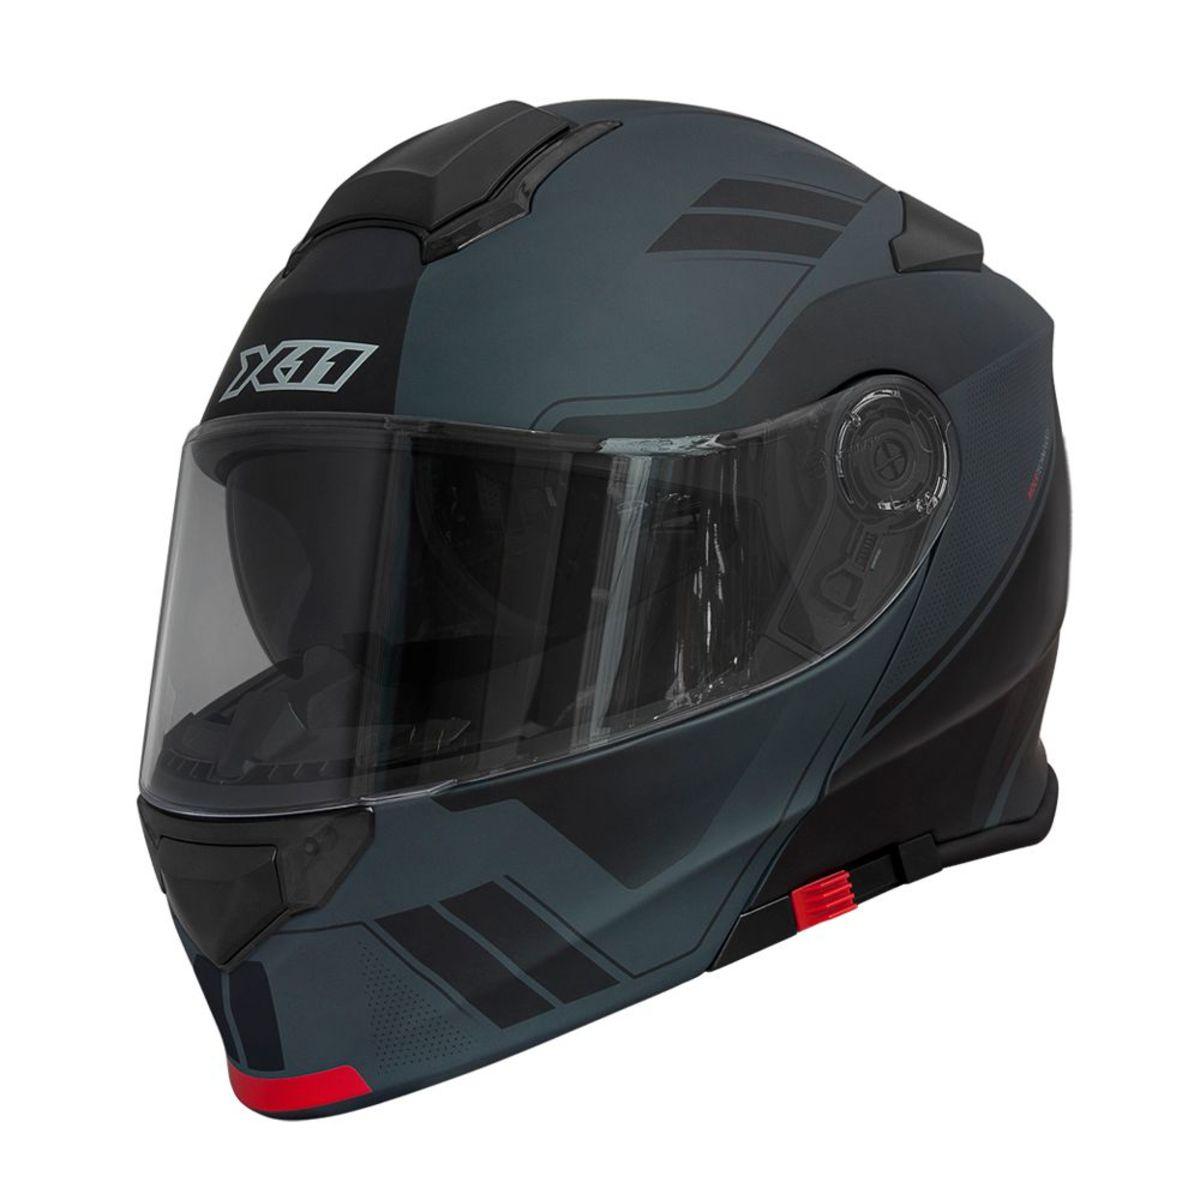 Capacete X11 Turner Trooper Escamoteavel Moto Preto